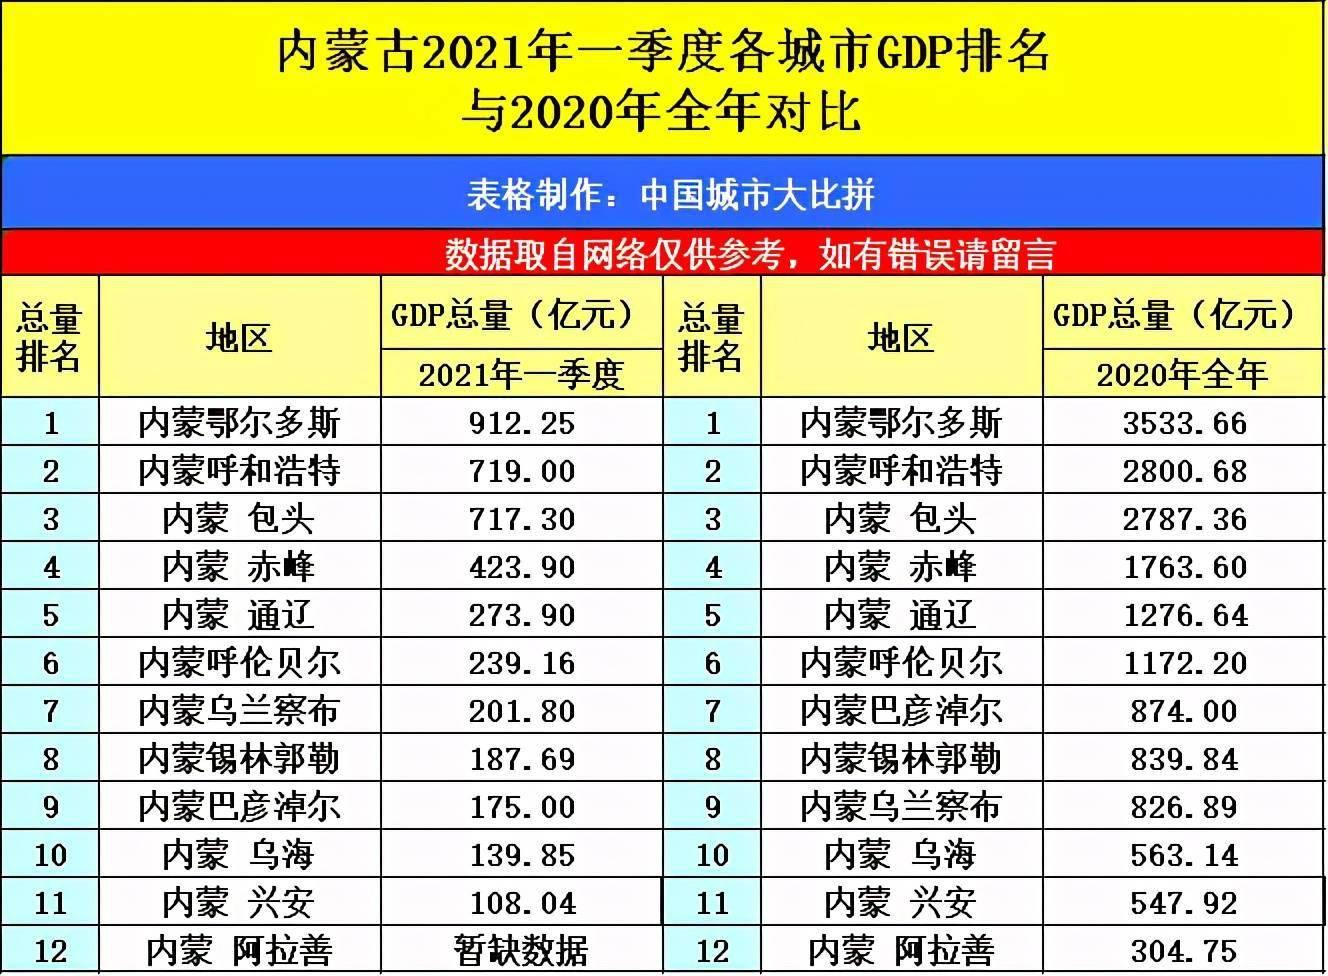 泉州第一季度gdp2021_吉林长春与福建泉州的2021年一季度GDP谁更高